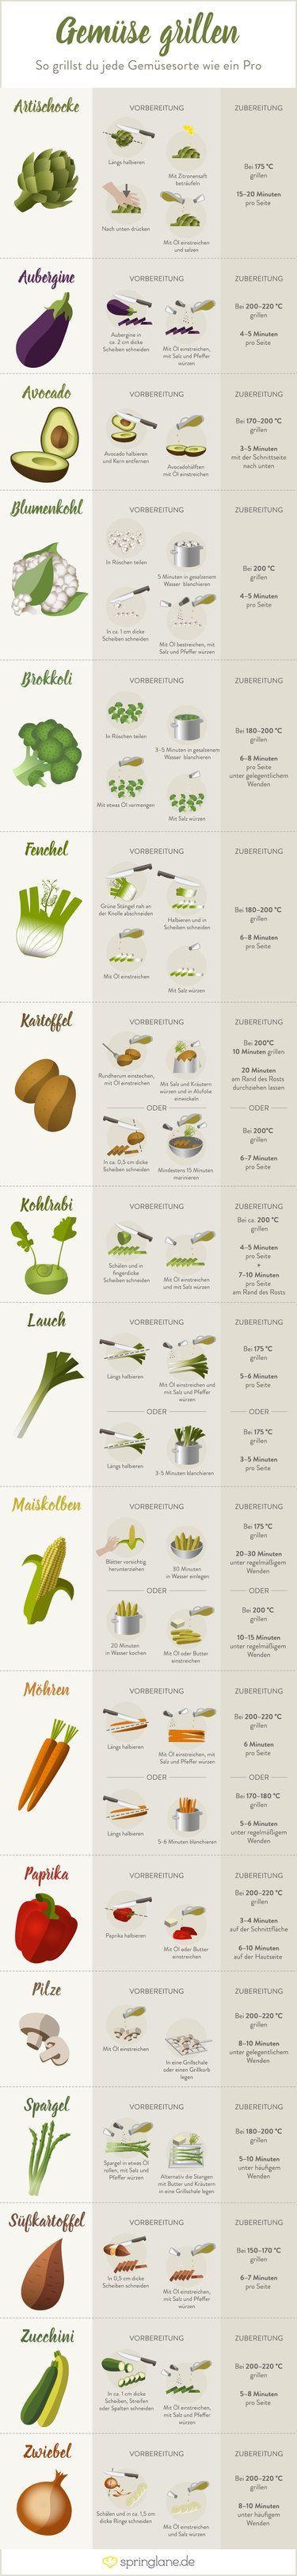 Gemüse grillen - so grillst du jede Gemüsesorte wie ein Pro!